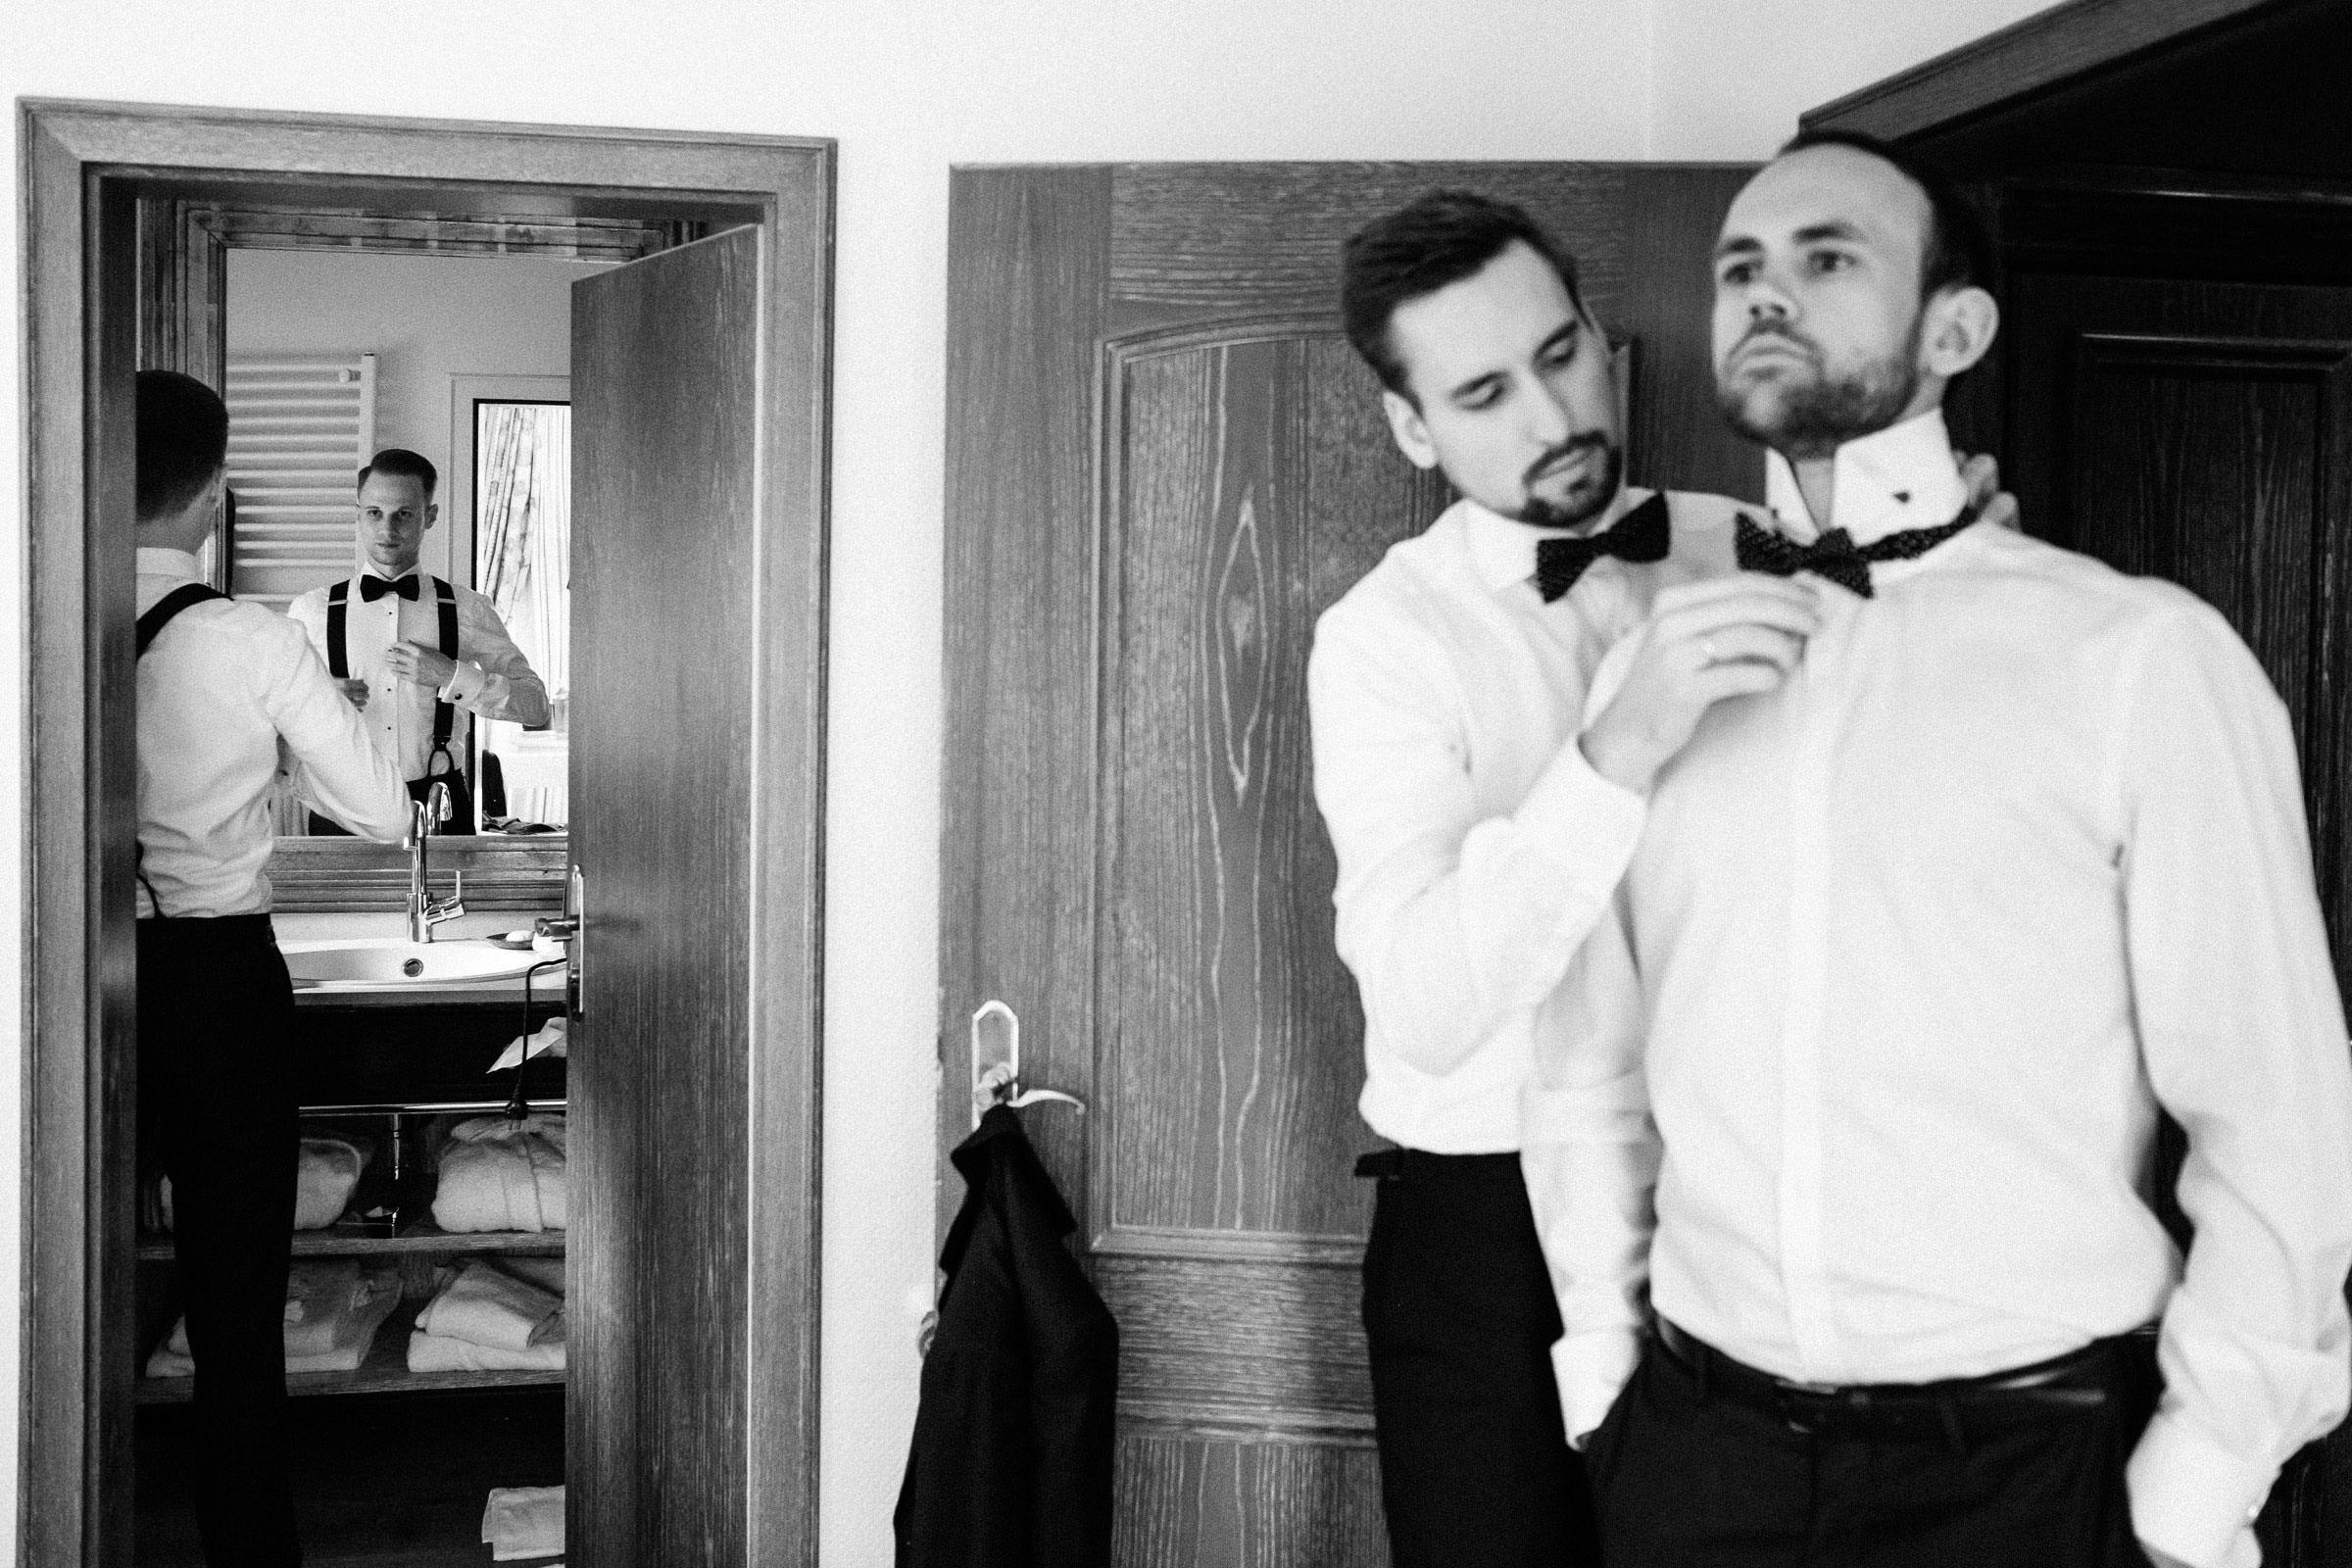 Bräutigam und seine Trauzeugen bei den Vorbereitungen der Hochzeit